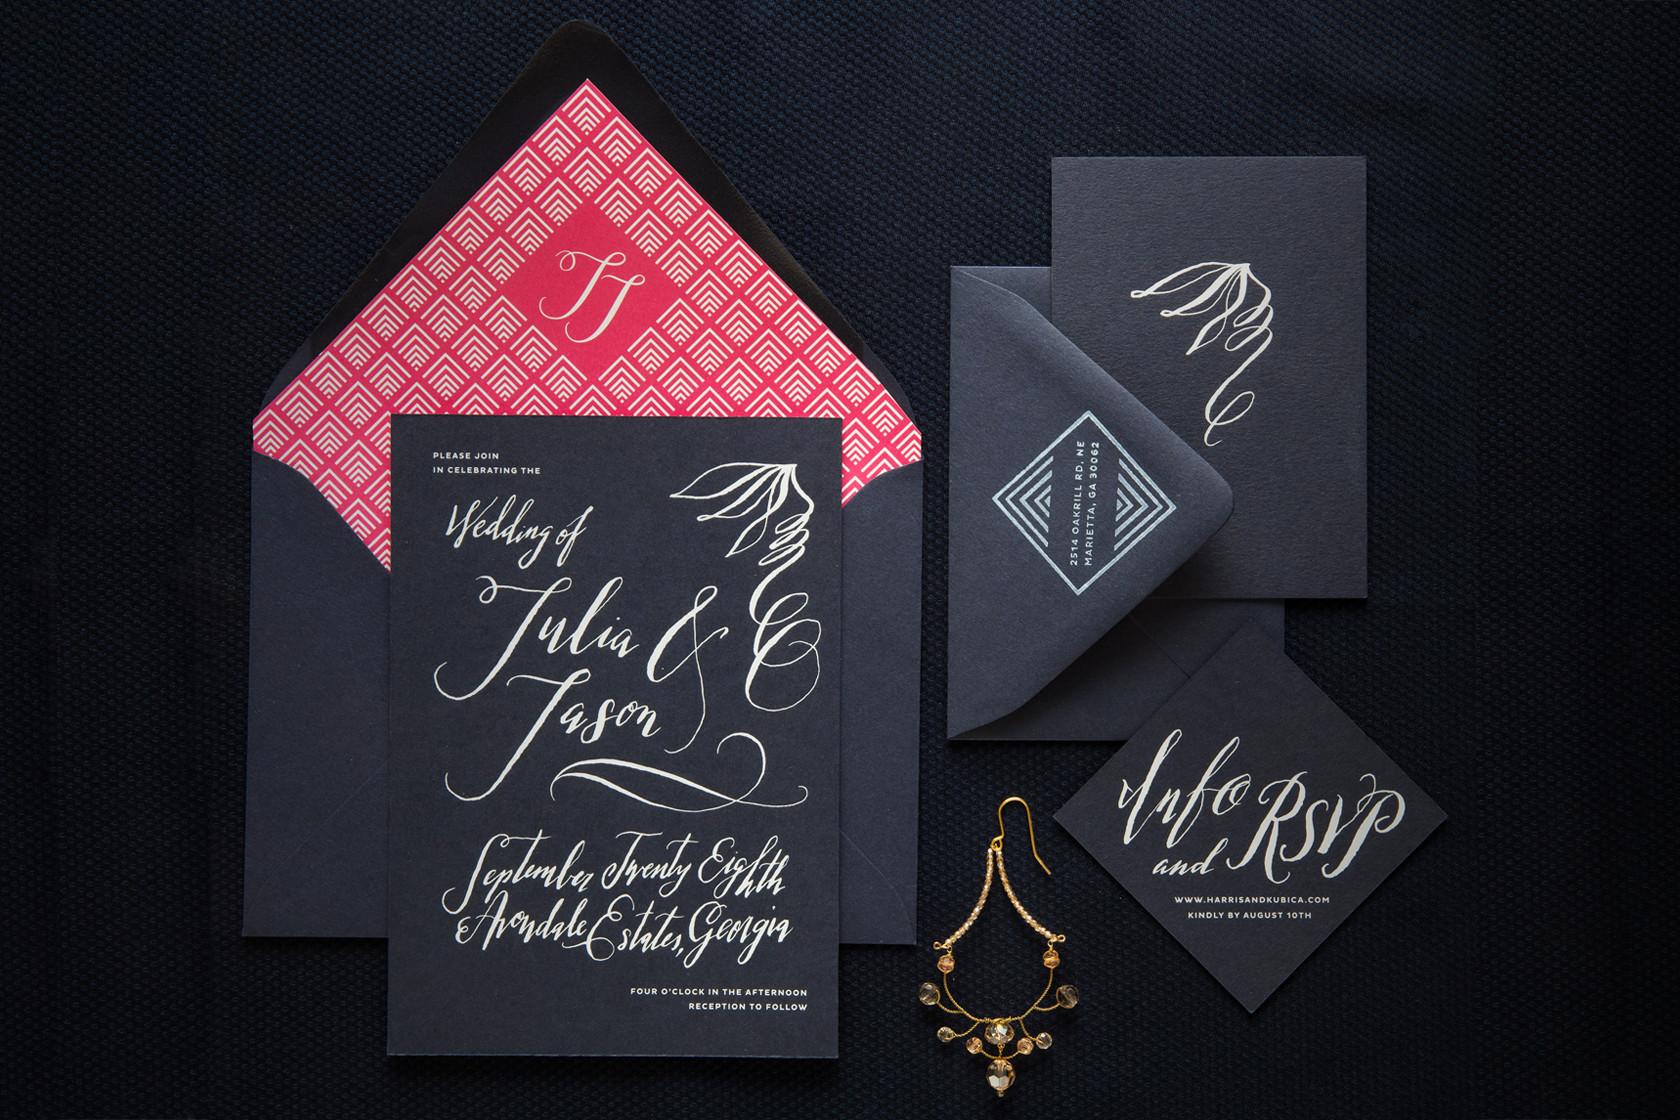 juku-invite-calligraphy-wedding